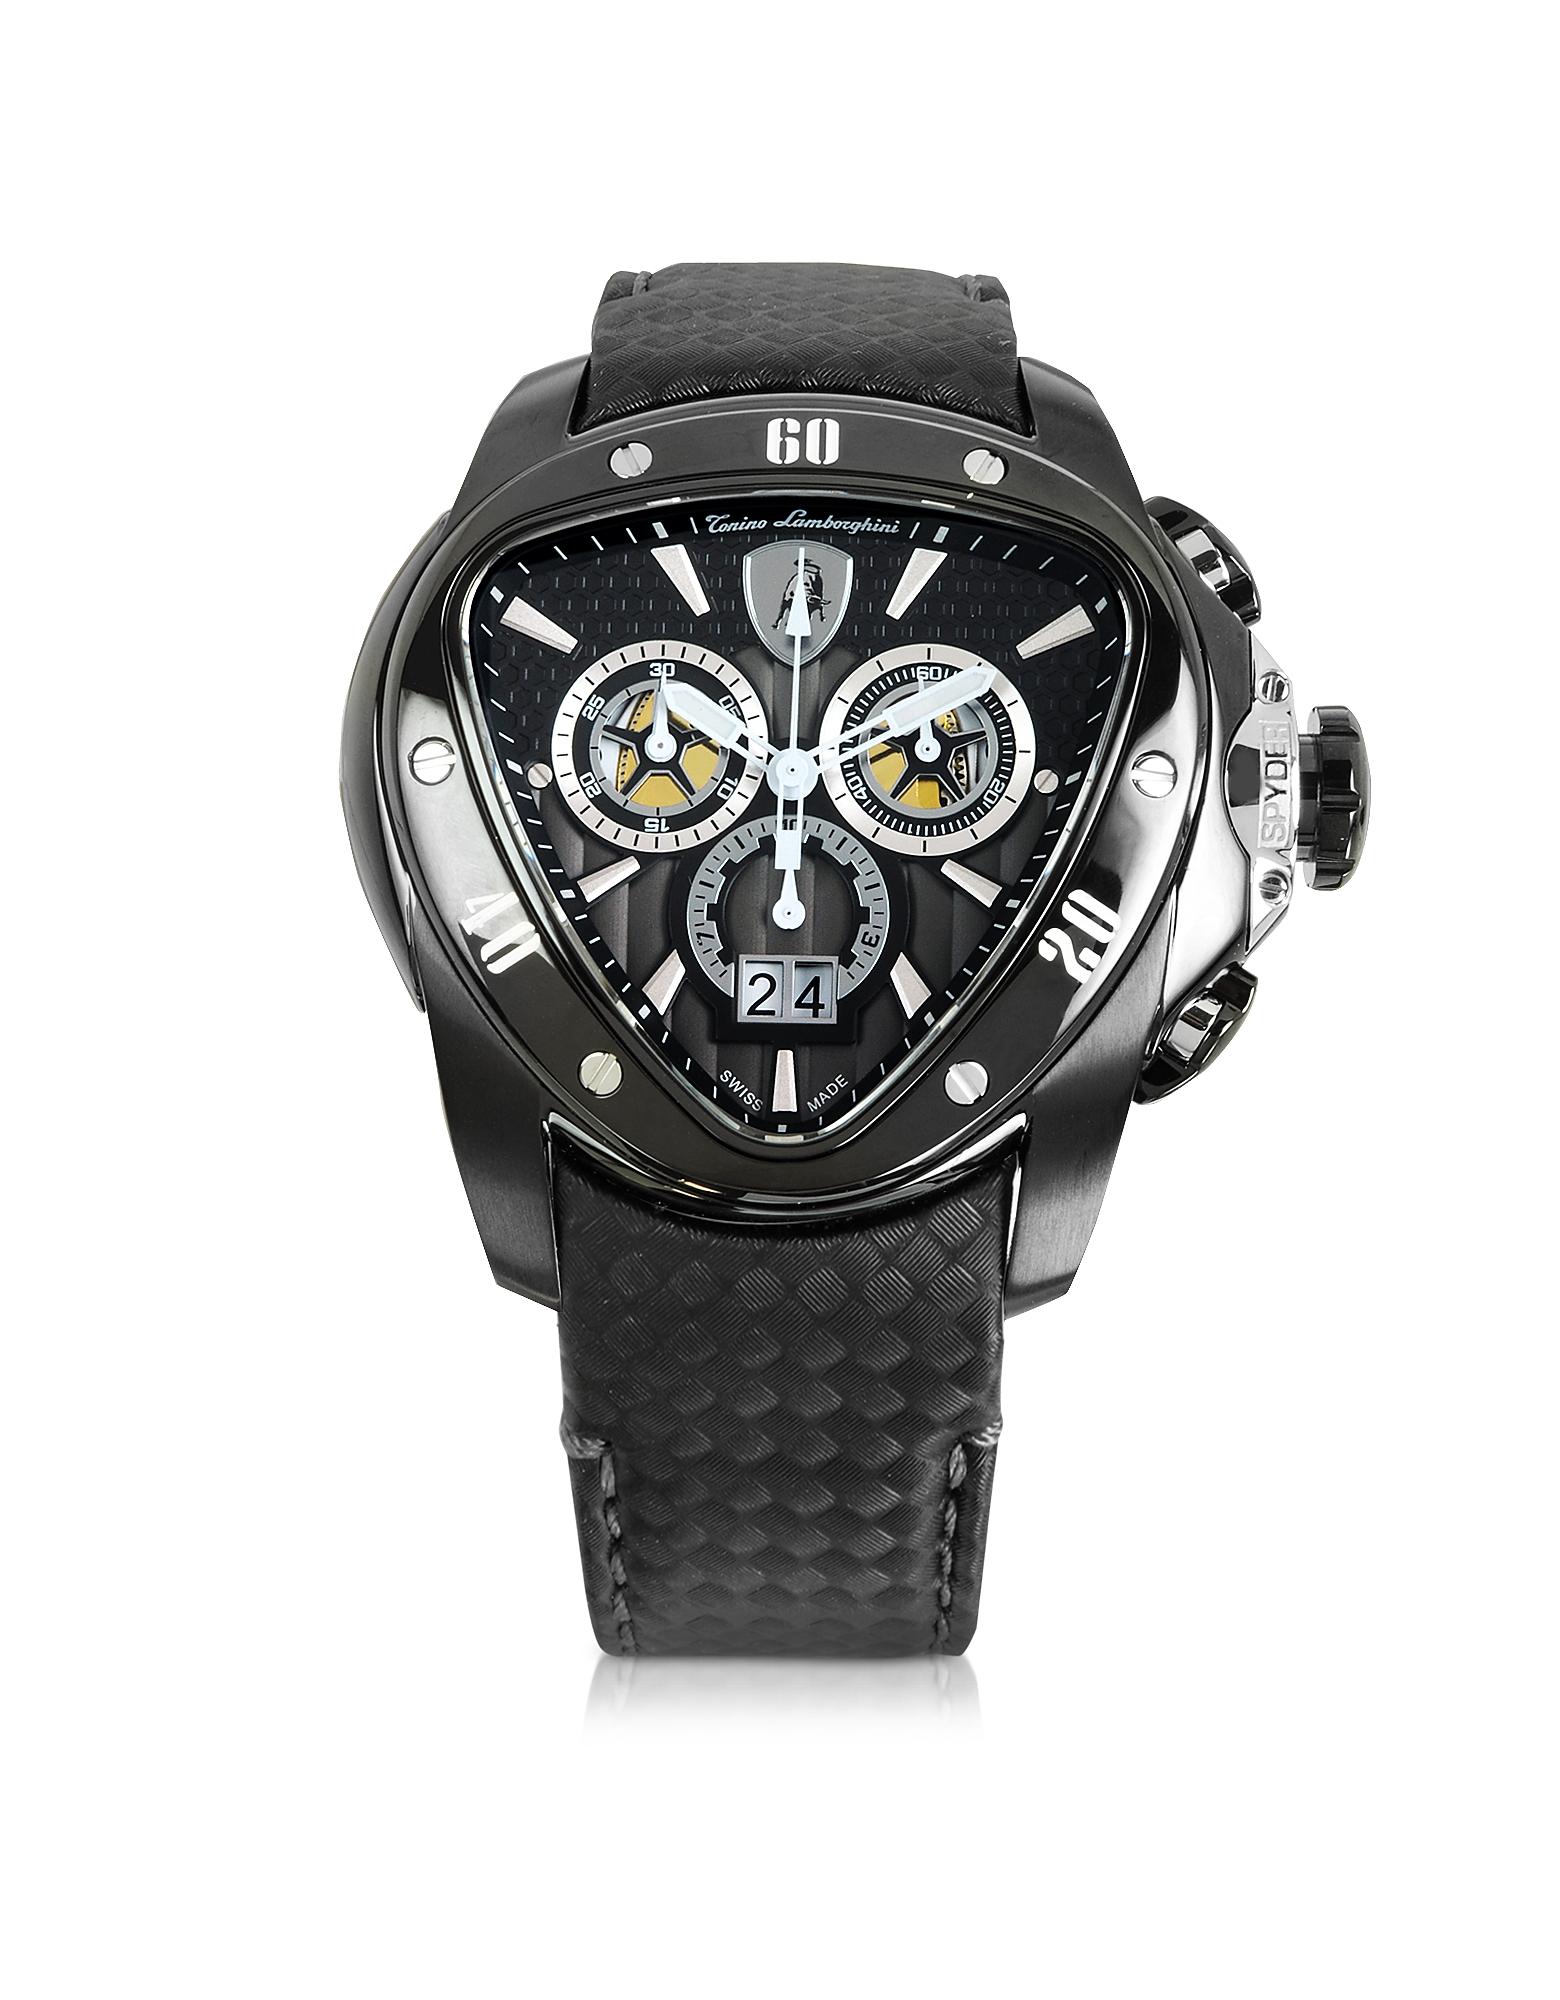 Tonino Lamborghini Spyder - Черные Часы Хронограф из Нержавеющей Стали с Ремешком из Углеродного Волокна